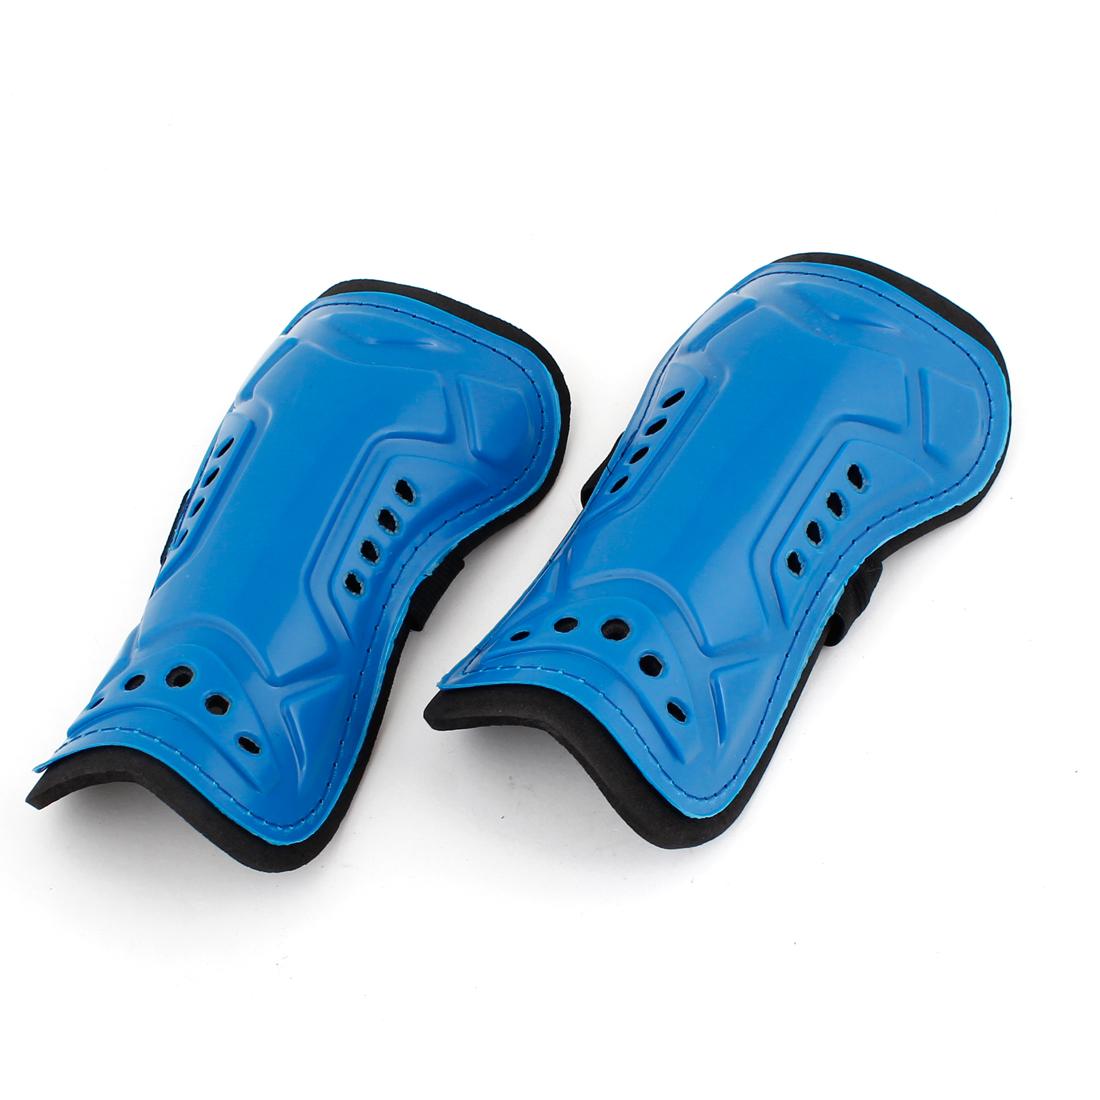 Elastic Band Hook Loop Calf Protector Shin Guard Support Blue 2pcs